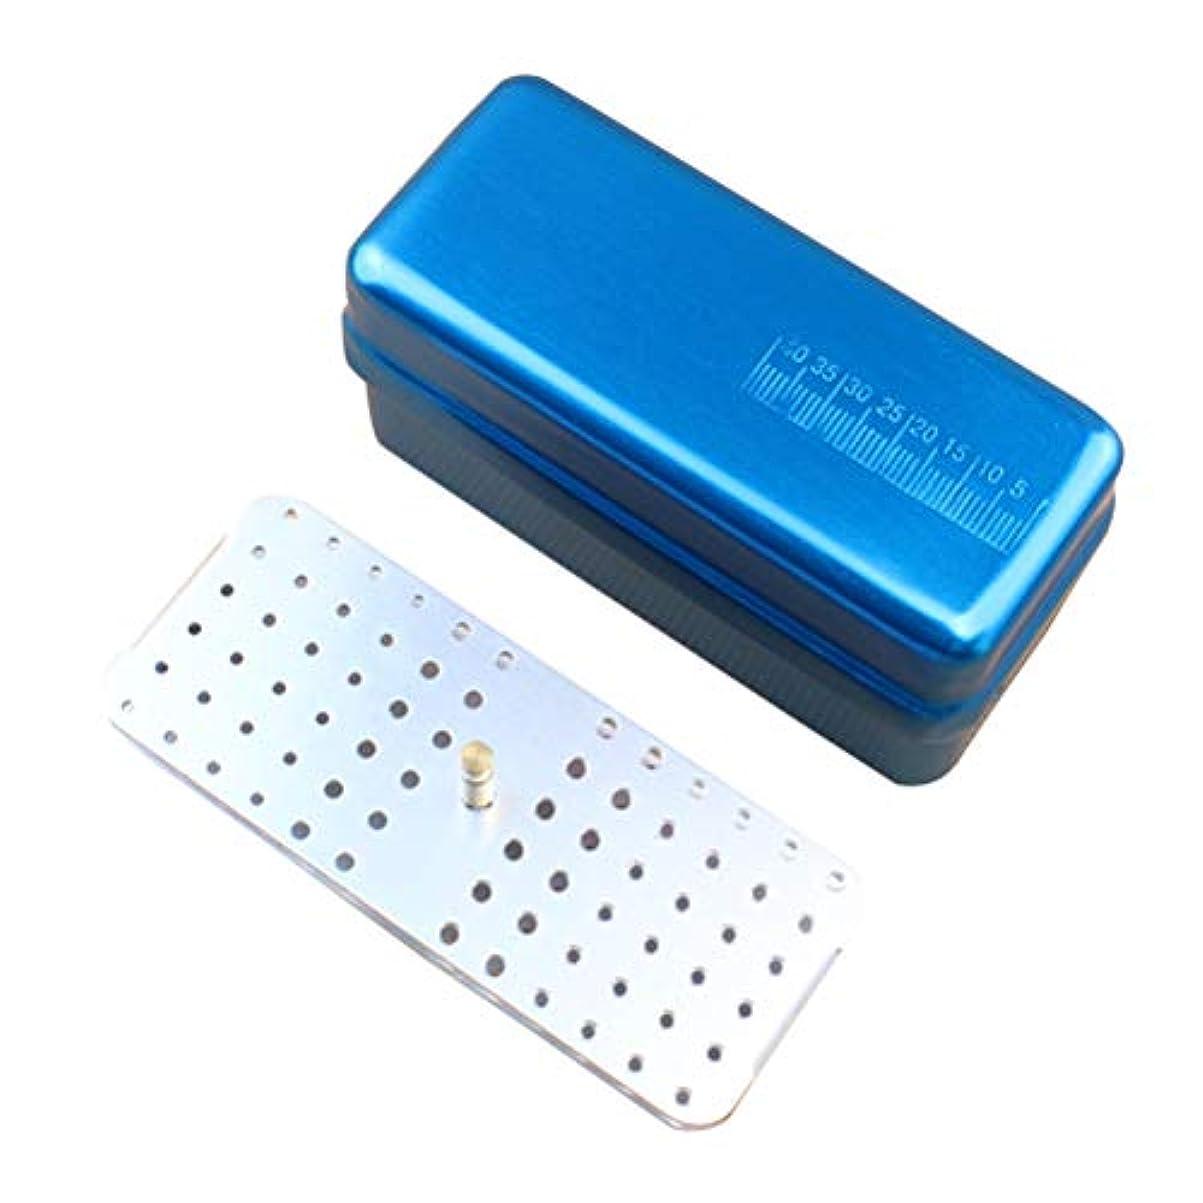 頑張る噛む常習的HEALLILY 72穴歯科用バーブロックホルダーダイヤモンドバーホルダーブロック消毒ボックス用オーラルケアツール1ピース(ブルー)